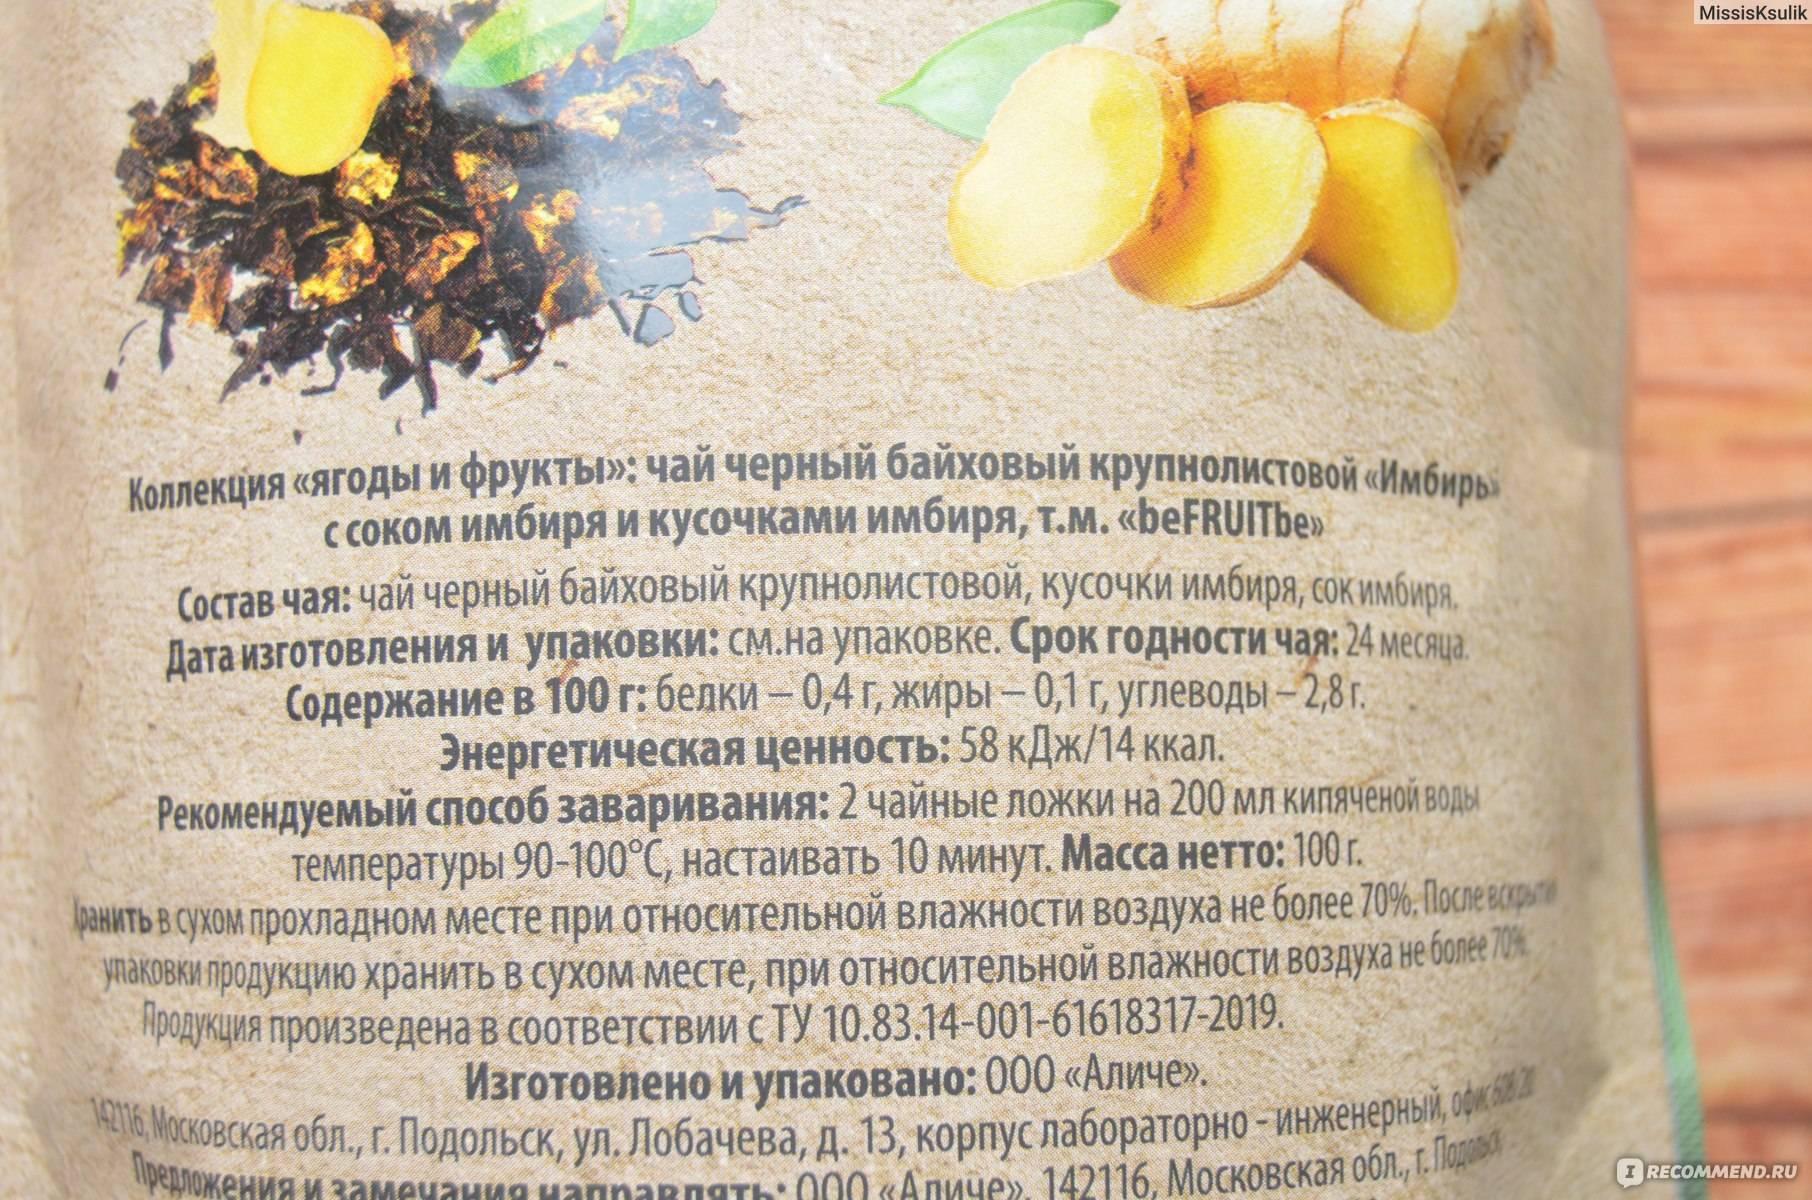 Чай с имбирем | польза и отзывы о чае с имбирем | компетентно о здоровье на ilive